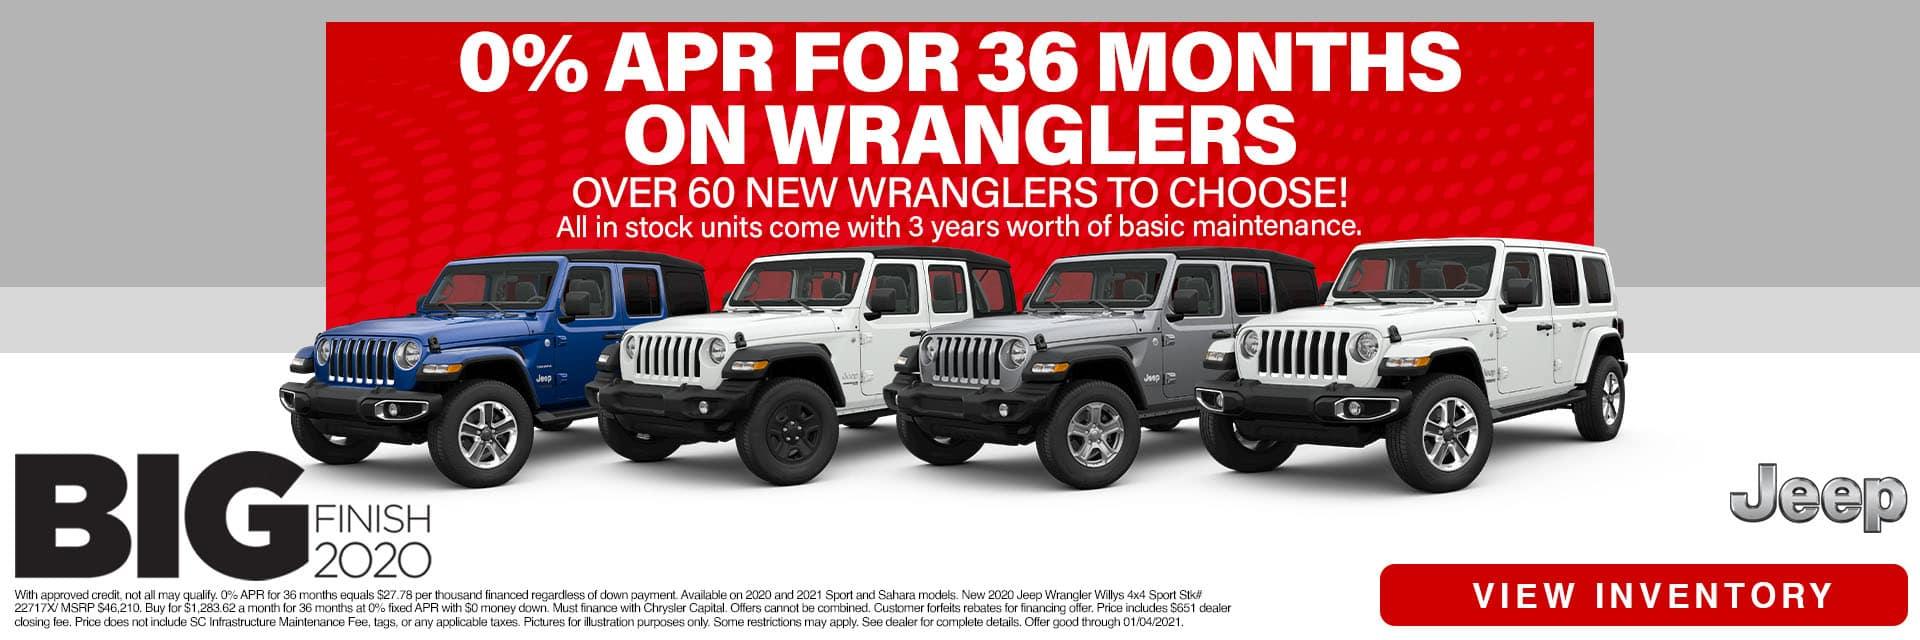 SLCJ-December 2020-2020 Jeep Wrangler